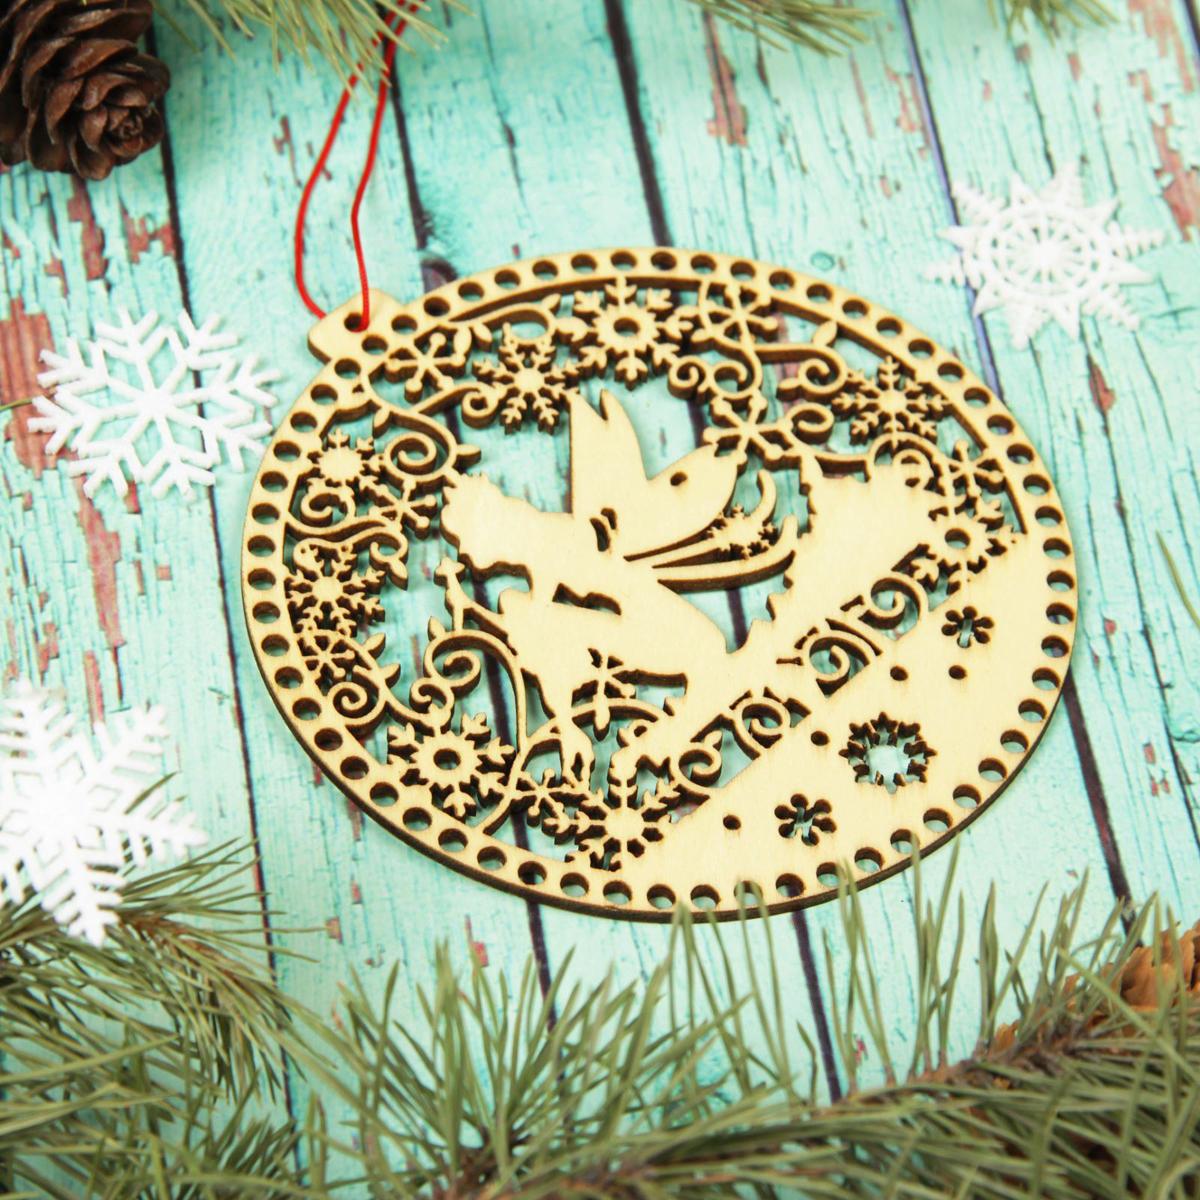 Украшение новогоднее подвесное Sima-land Зимний ангел, 12 см х 12,5 см2303276Новогодние украшения Sima-land изготовлены из пластика. Изделия имеют плотный корпус, поэтому не разобьются при падении.Невозможно представить нашу жизнь без праздников! Новогодние украшения несут в себе волшебство и красоту праздника. Создайте в своем доме атмосферу тепла, веселья и радости, украшая его всей семьей.